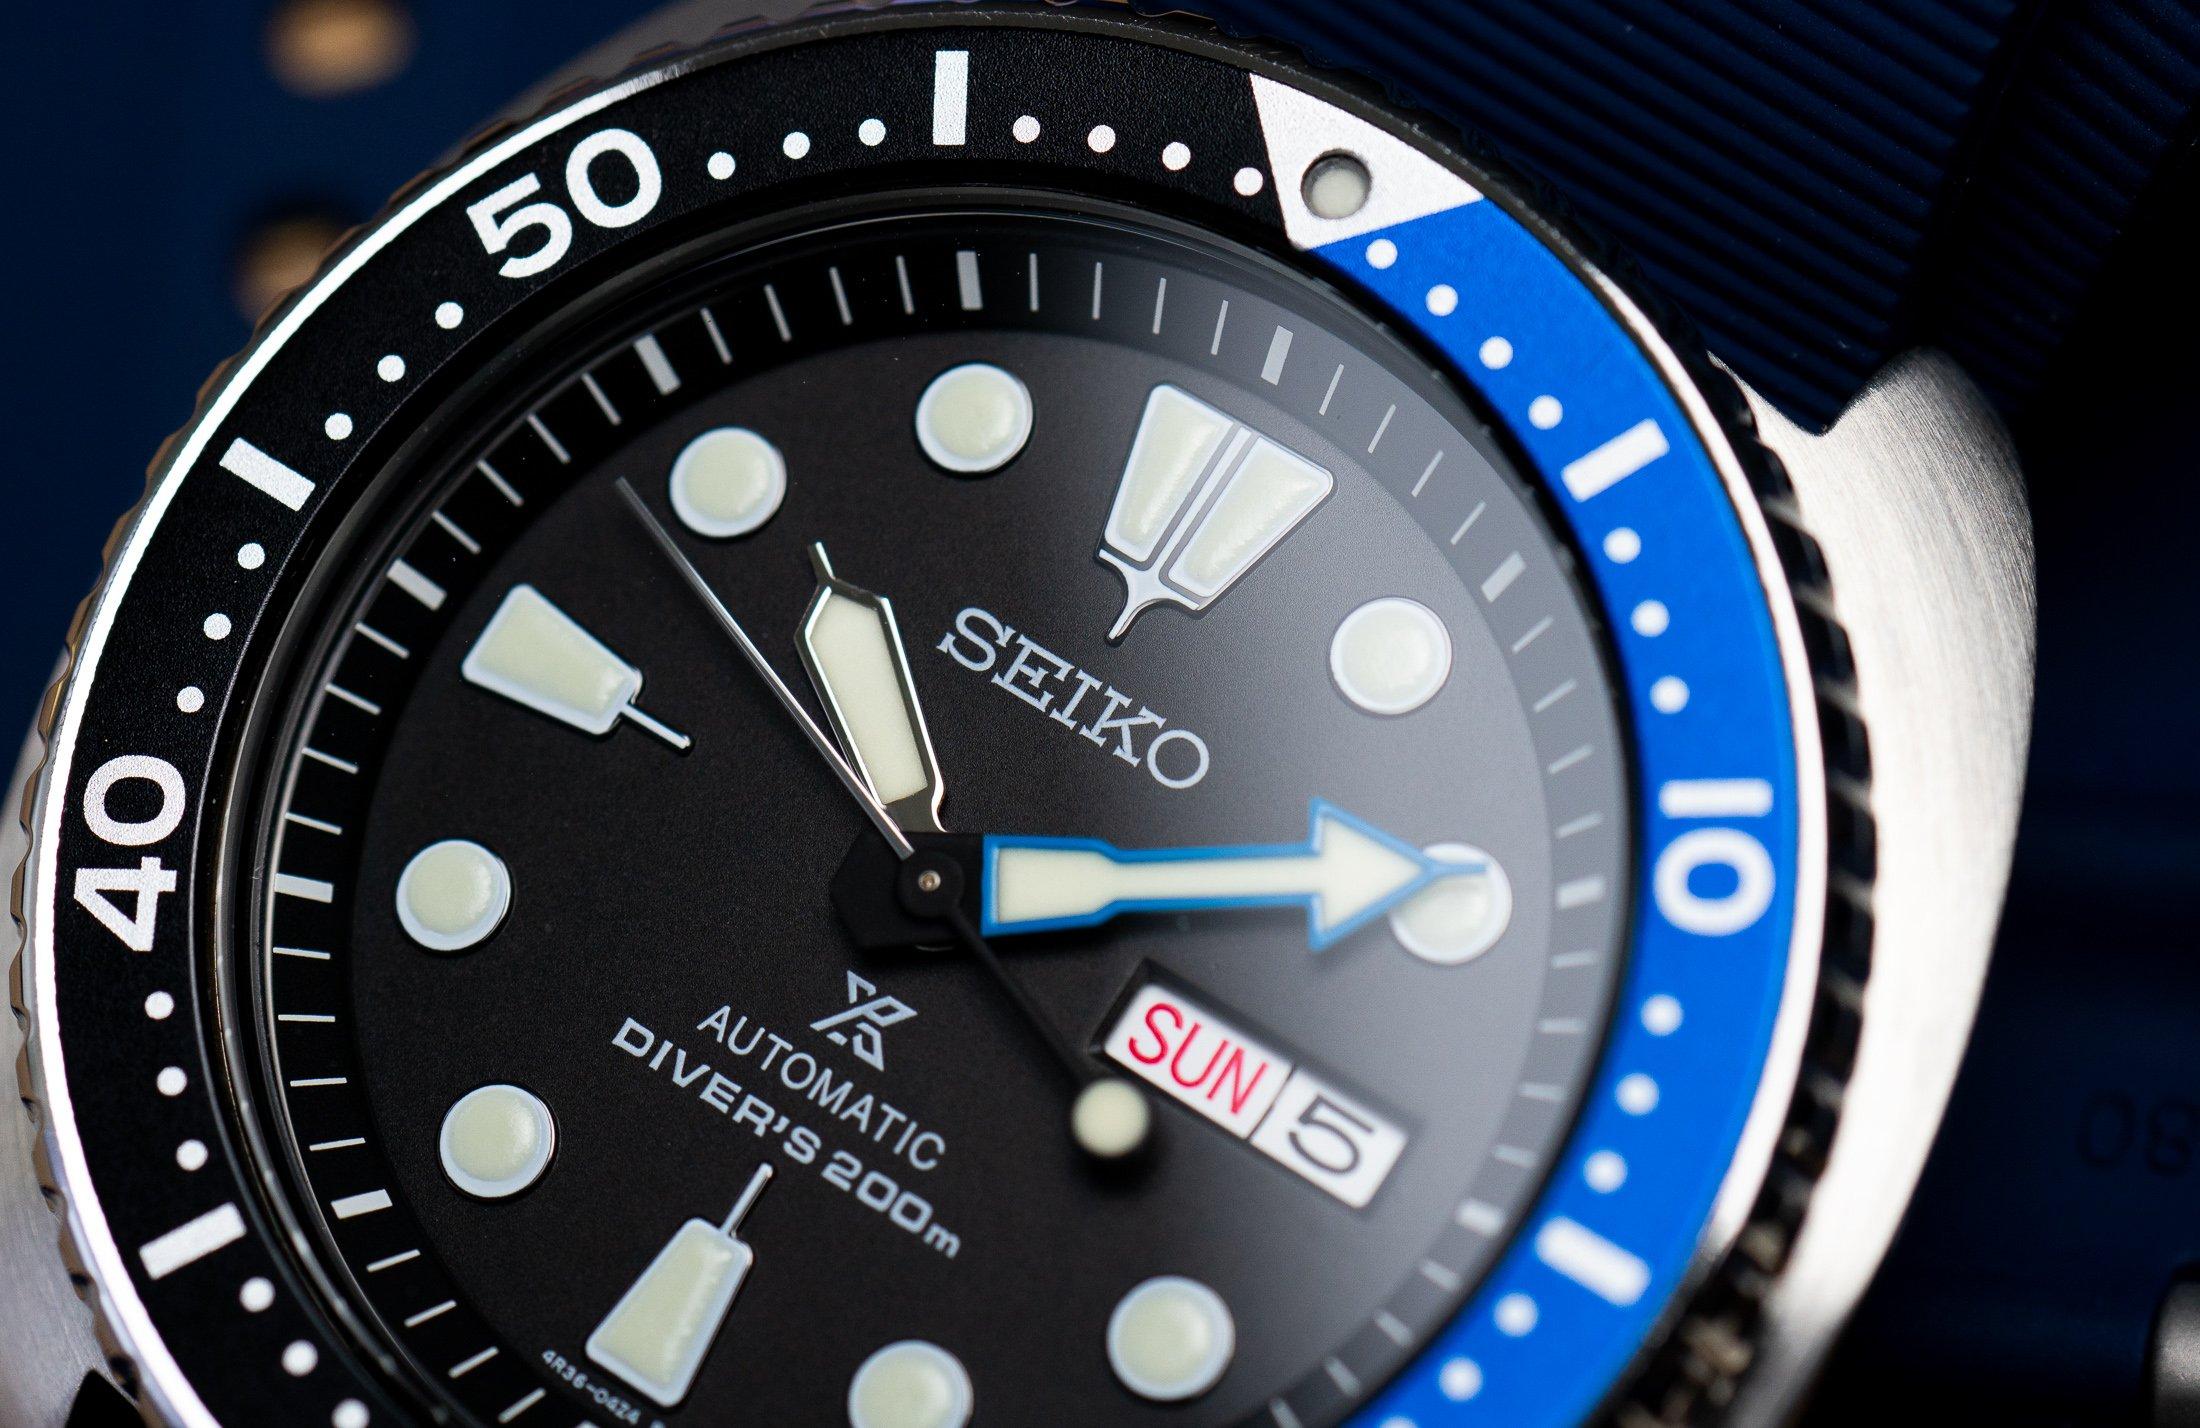 Seiko-Prospex-Diver-blau-Test-Geschichte